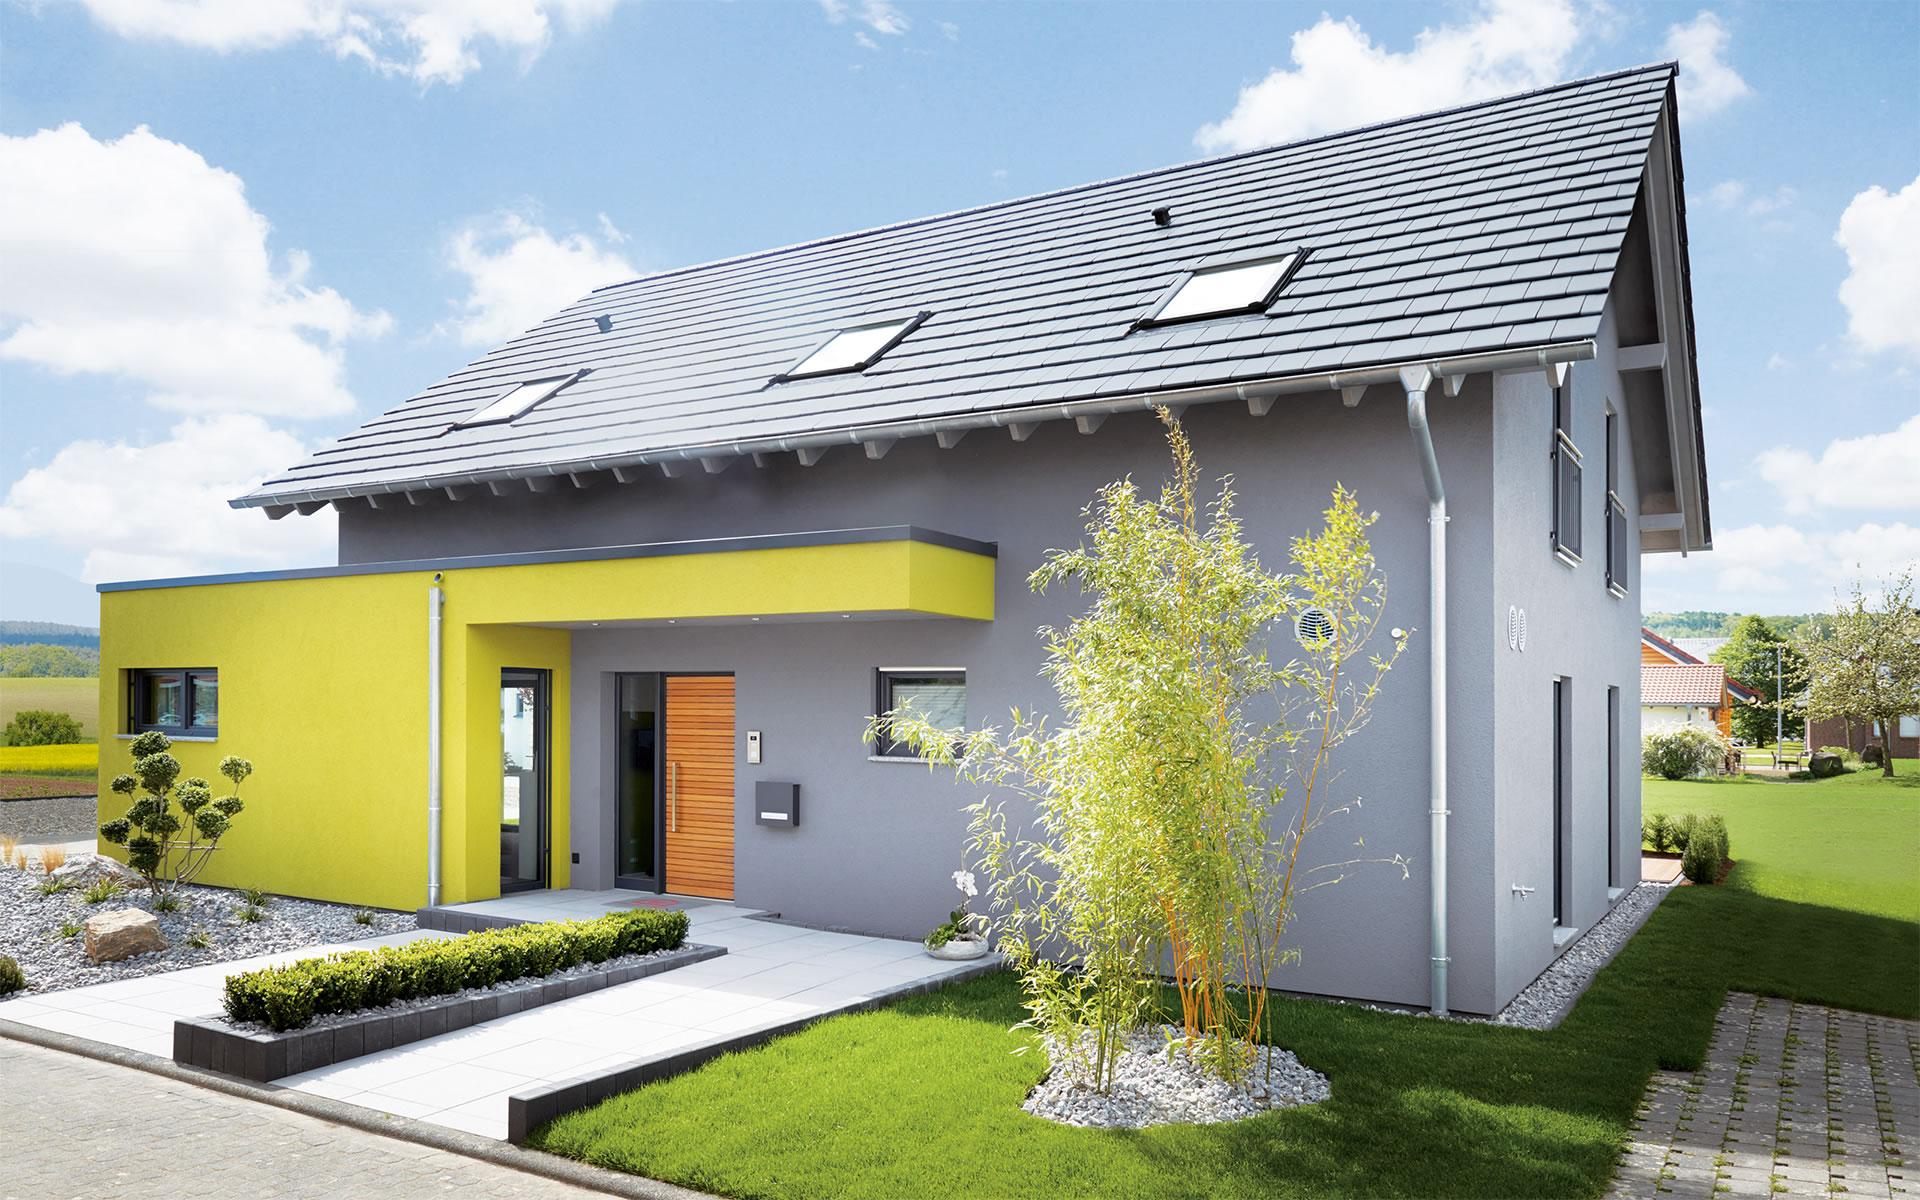 Koblenz (Musterhaus) von Fingerhut Haus GmbH & Co. KG